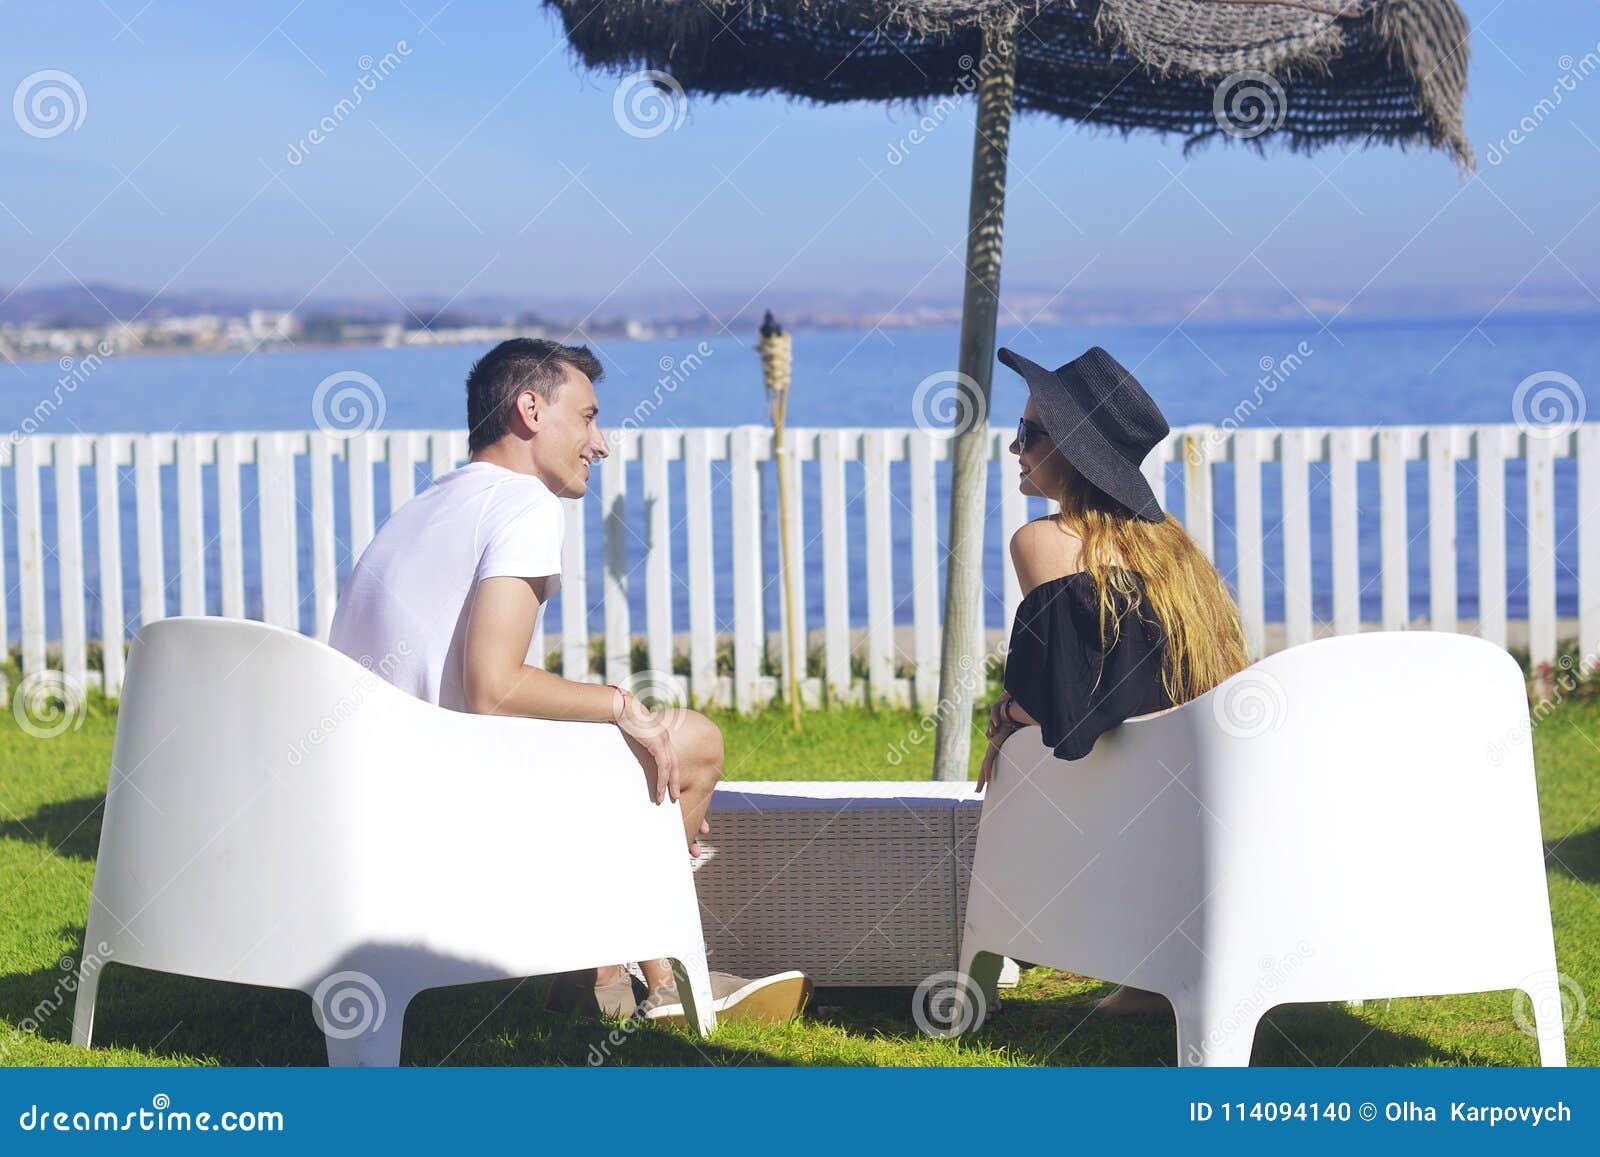 Любовники распологая смотреть в небо и океан, mountion, под зонтик солнца Каникулы, туризм, медовый месяц волосы девушки длинние